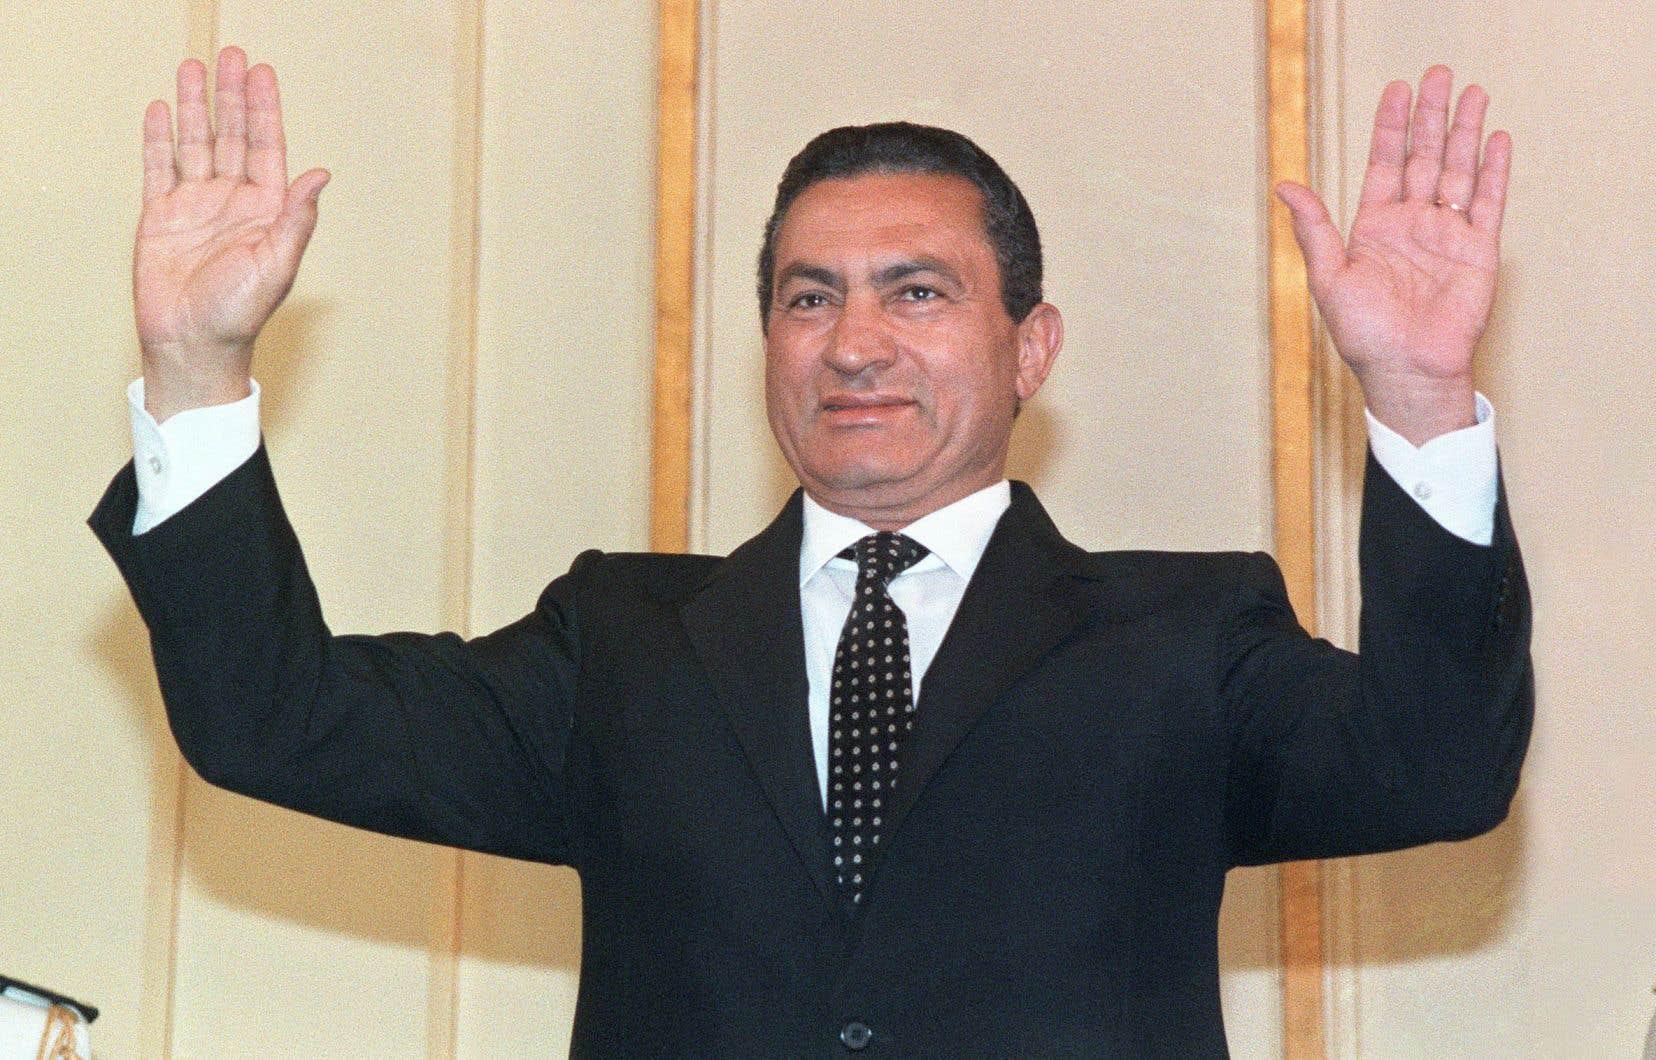 L'ancien président de l'Égypte, Hosni Moubarak, a été balayé en 2011 par le Printemps arabe.